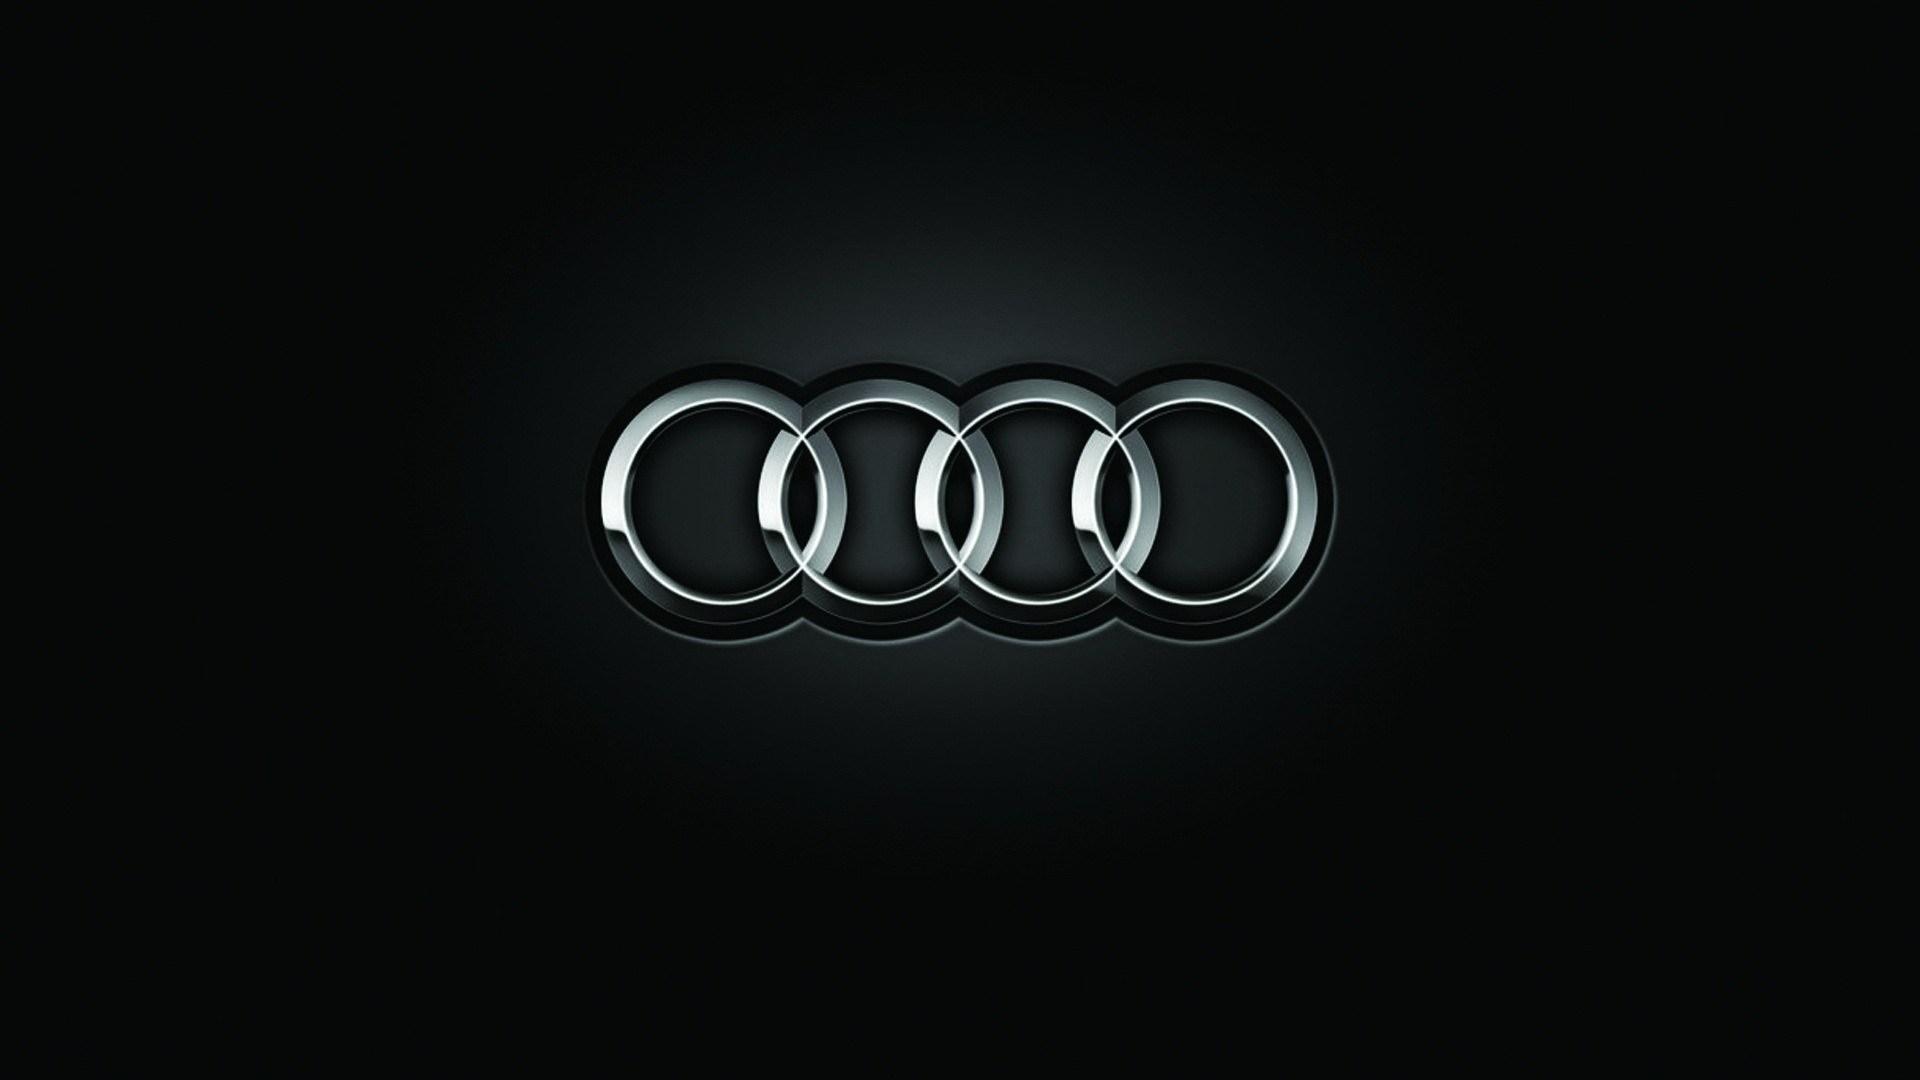 Πρόστιμο 800 εκατομμυρίων ευρώ στην Audi!